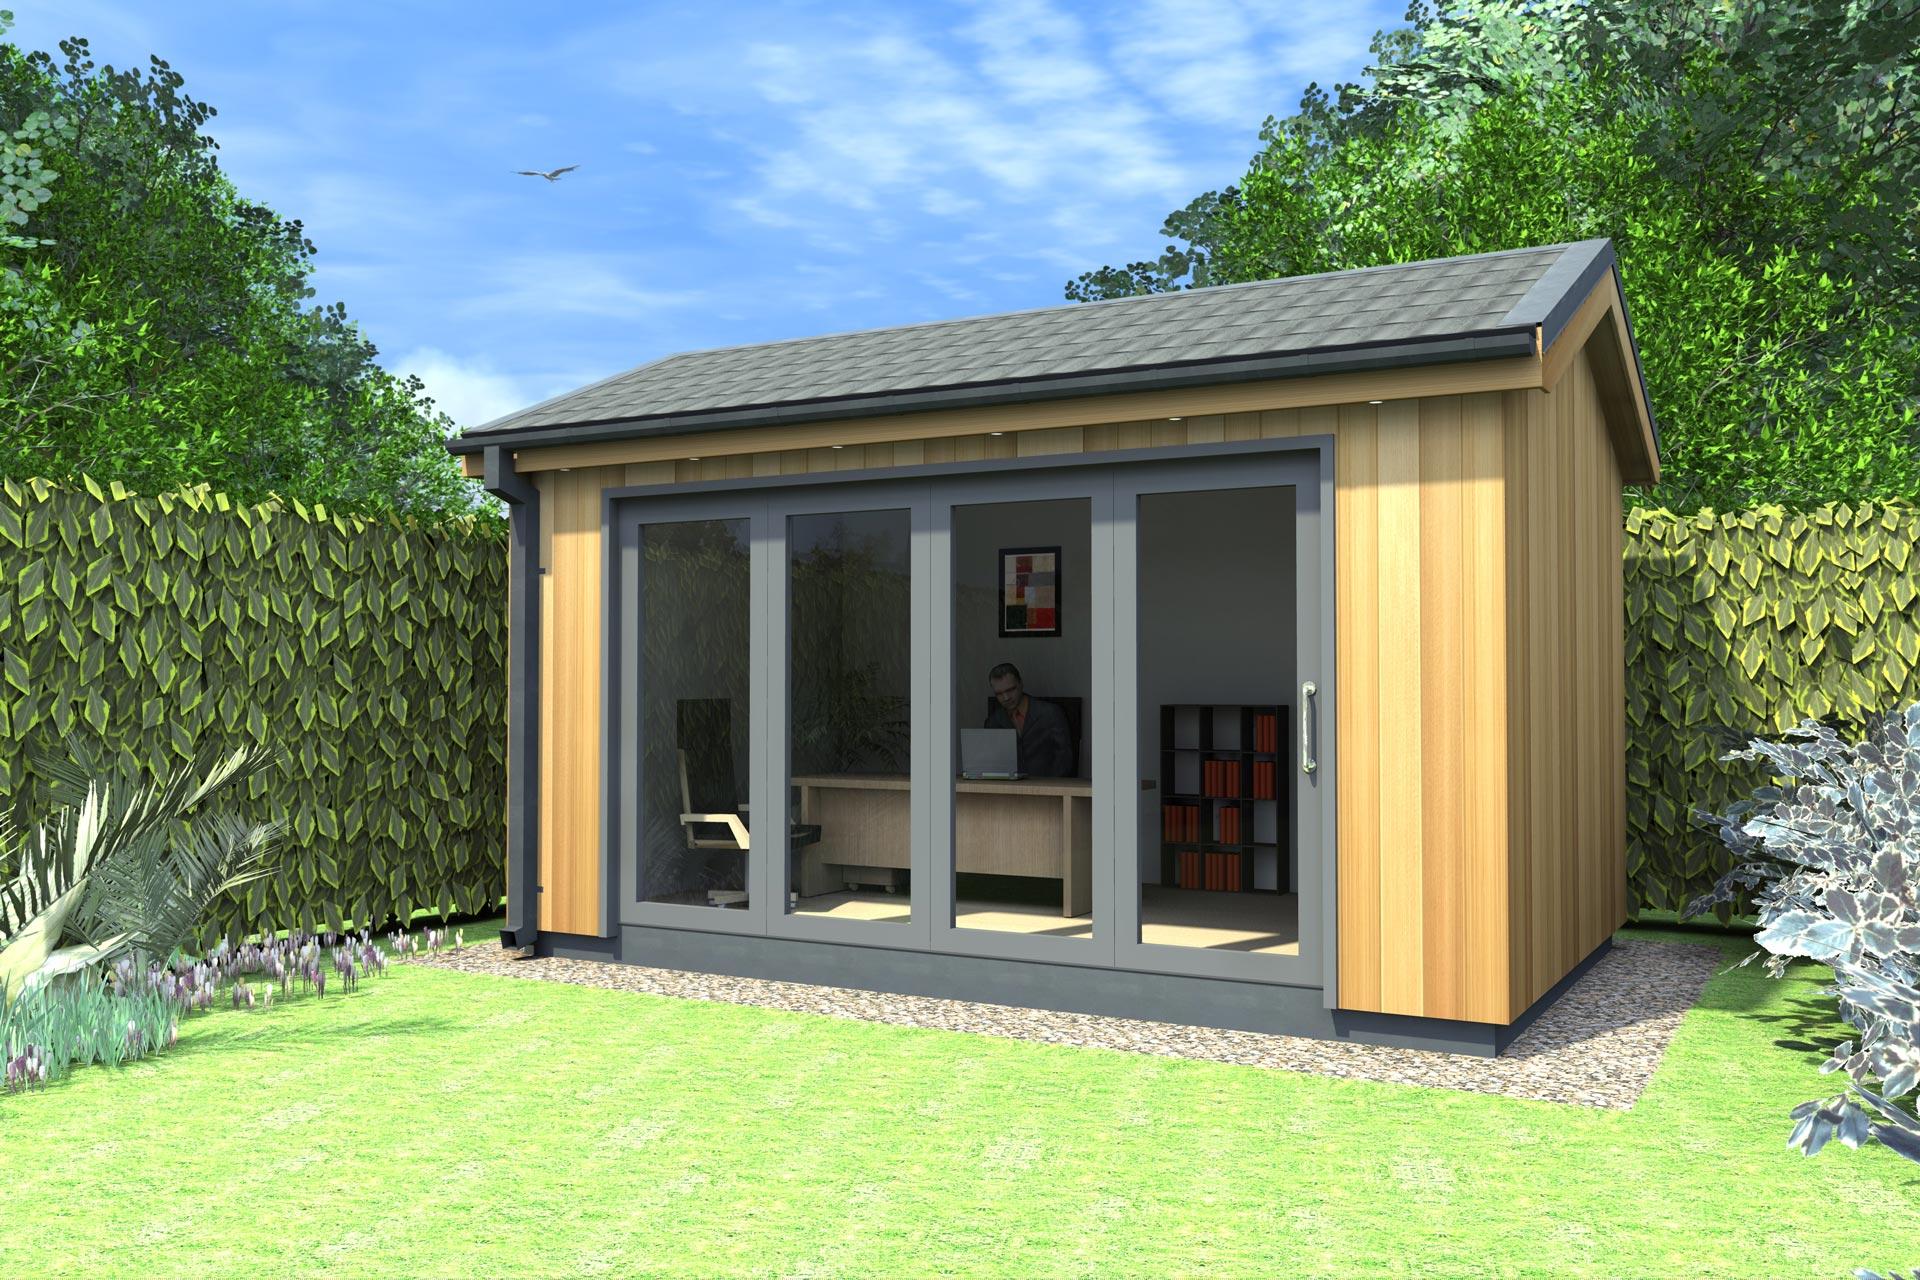 The garden office company ecos ireland for Garden office cube